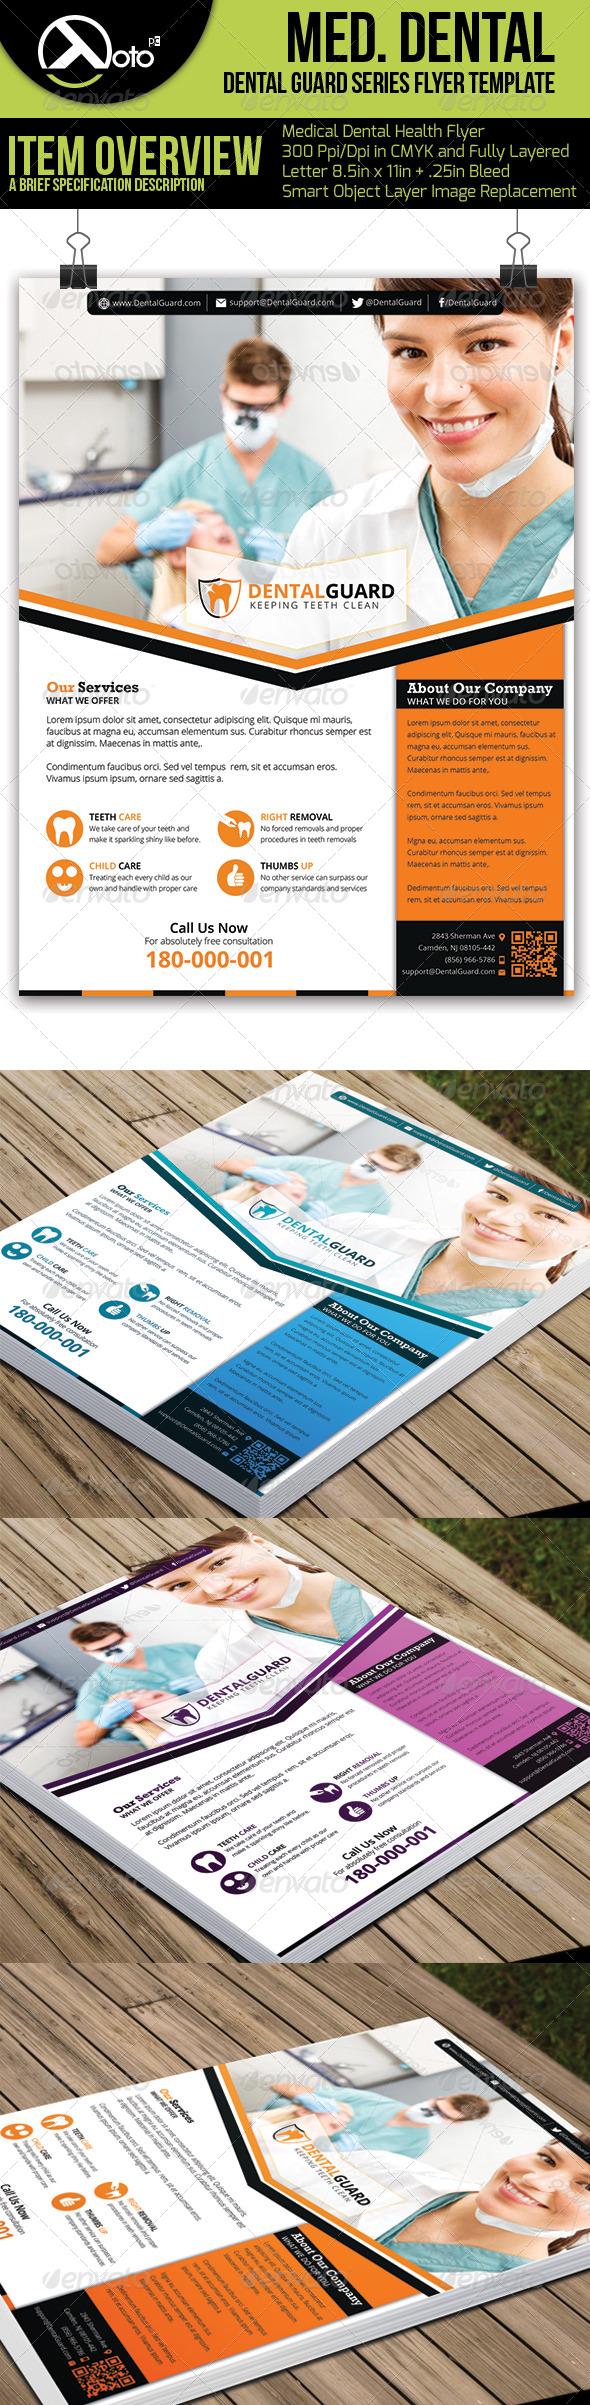 GraphicRiver Medical Dental Flyer V5 5935747